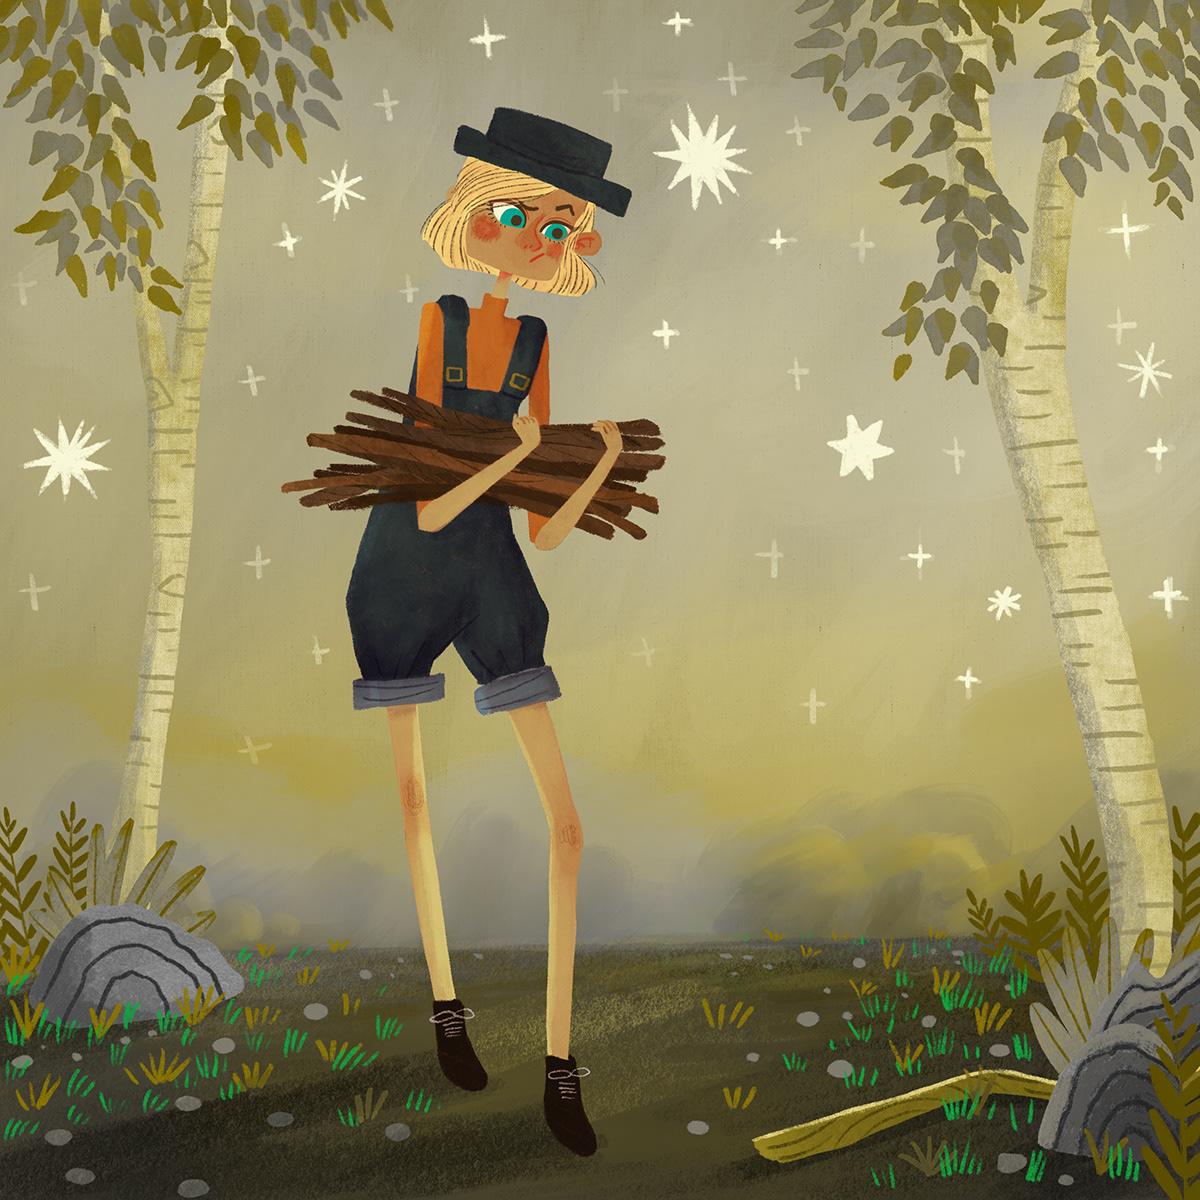 character illustration children's art children's illustration kidlit kidlitart story book art